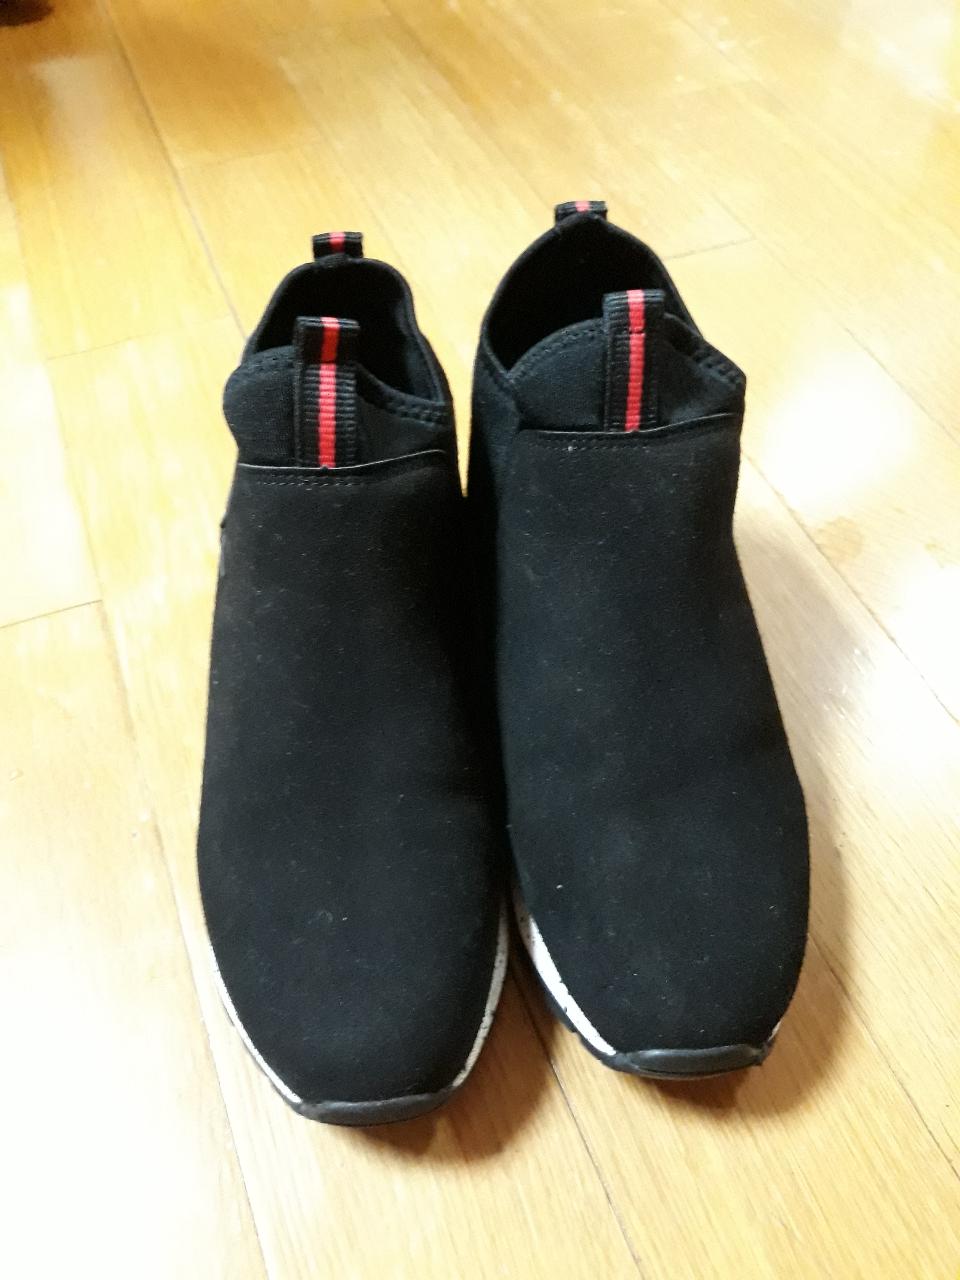 한번 신은 신발입니다~~ㅠㅠ 조금 작아요^^ 240이구요 10000원입니다^^가격 내림